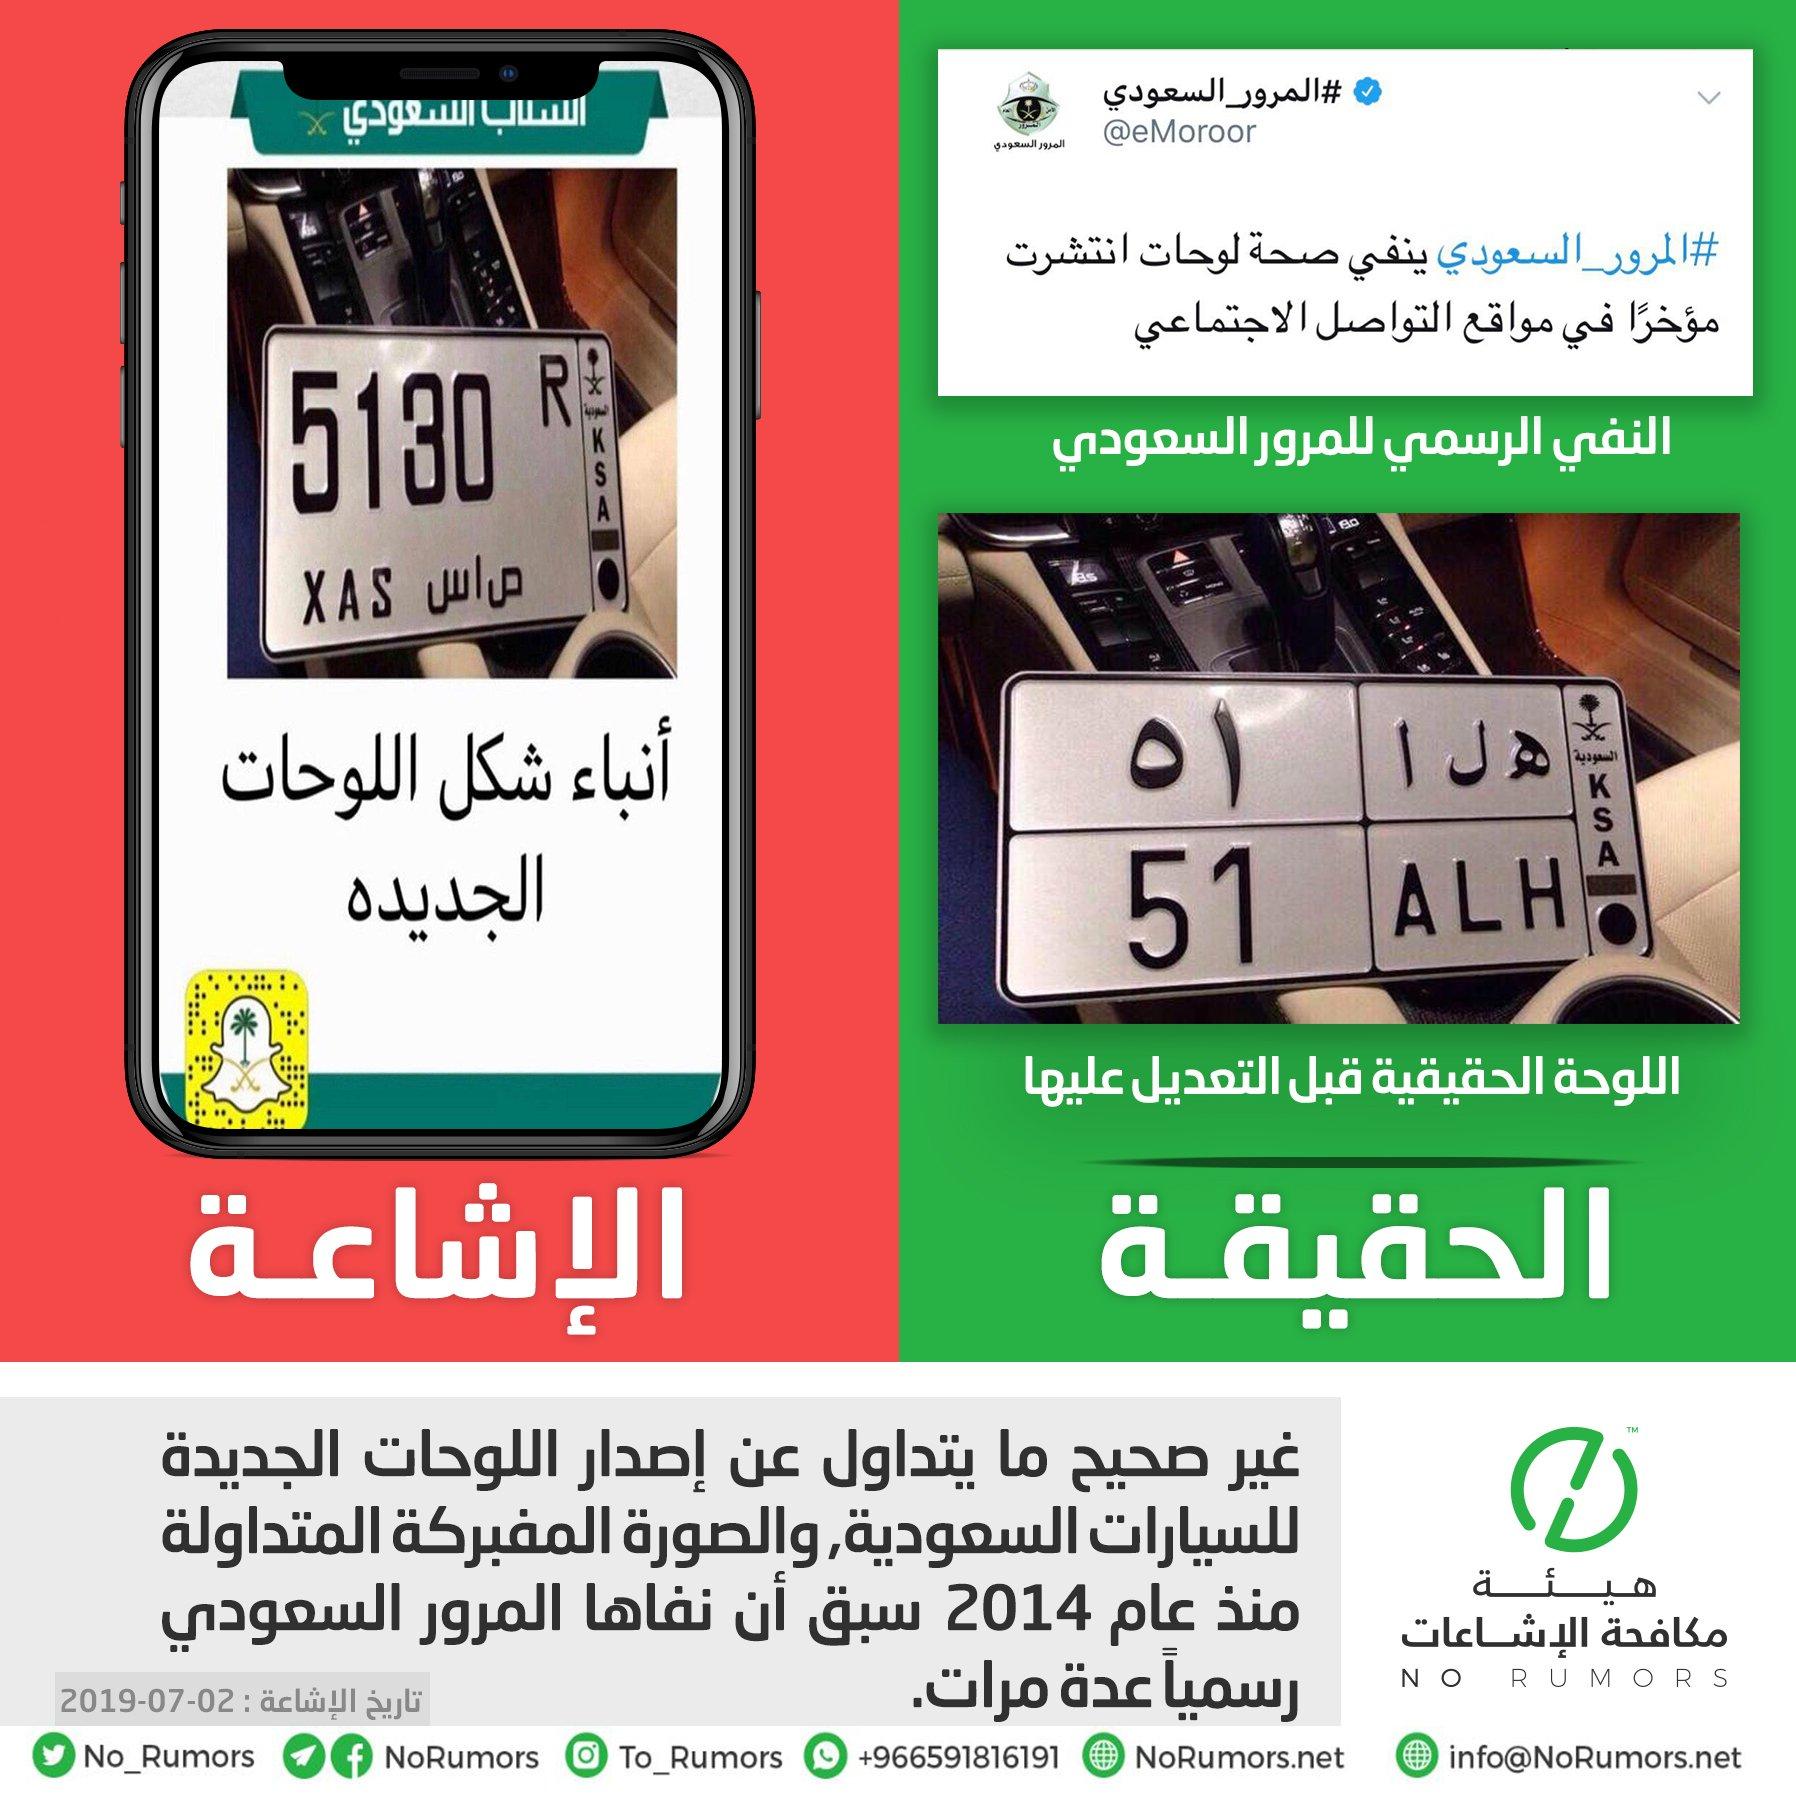 حقيقة إصدار اللوحات الجديدة للسيارات السعودية